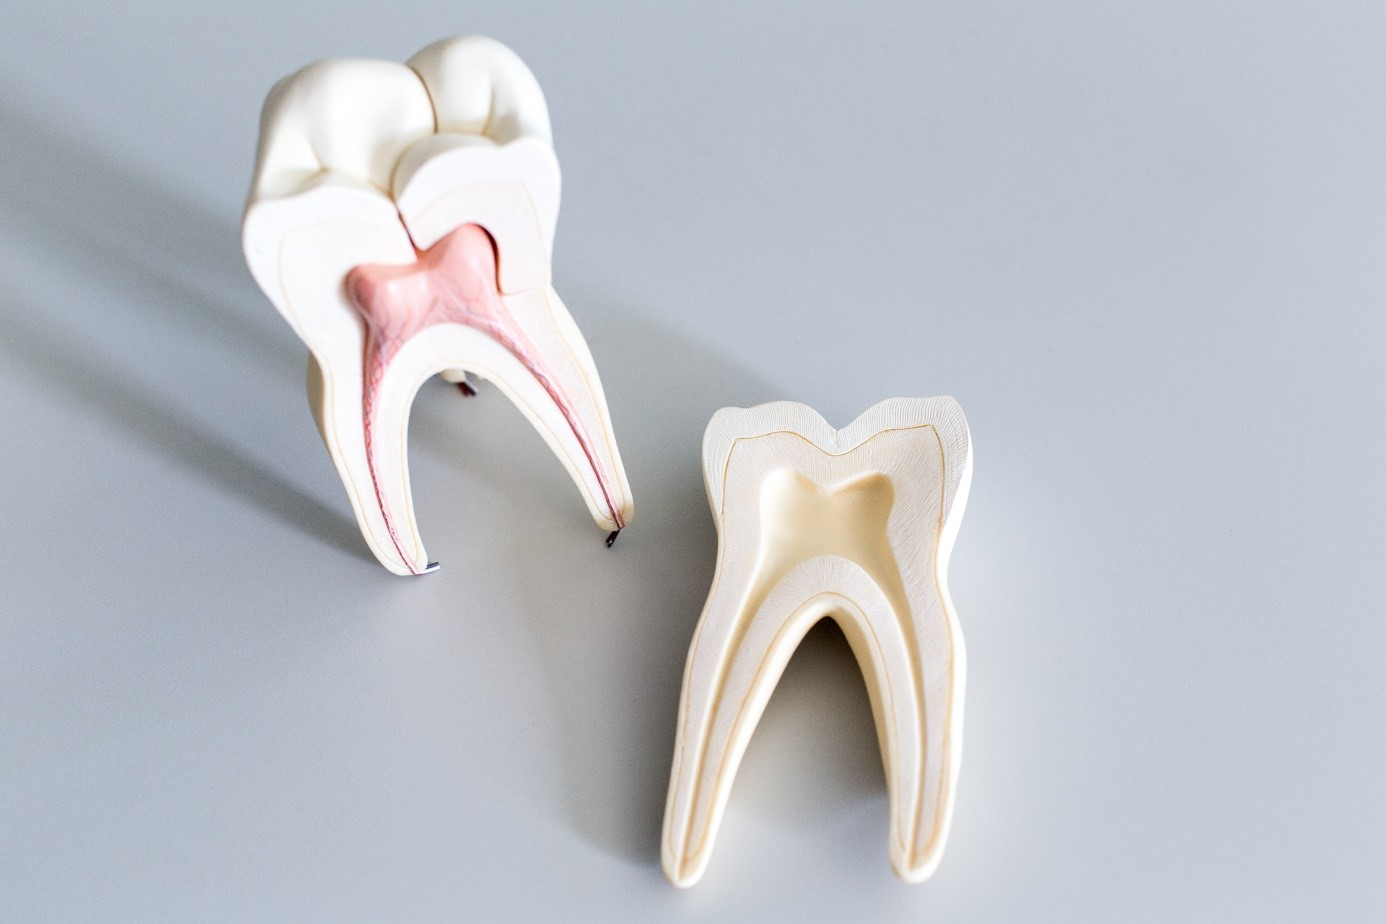 Zahn Nerv Ziehen